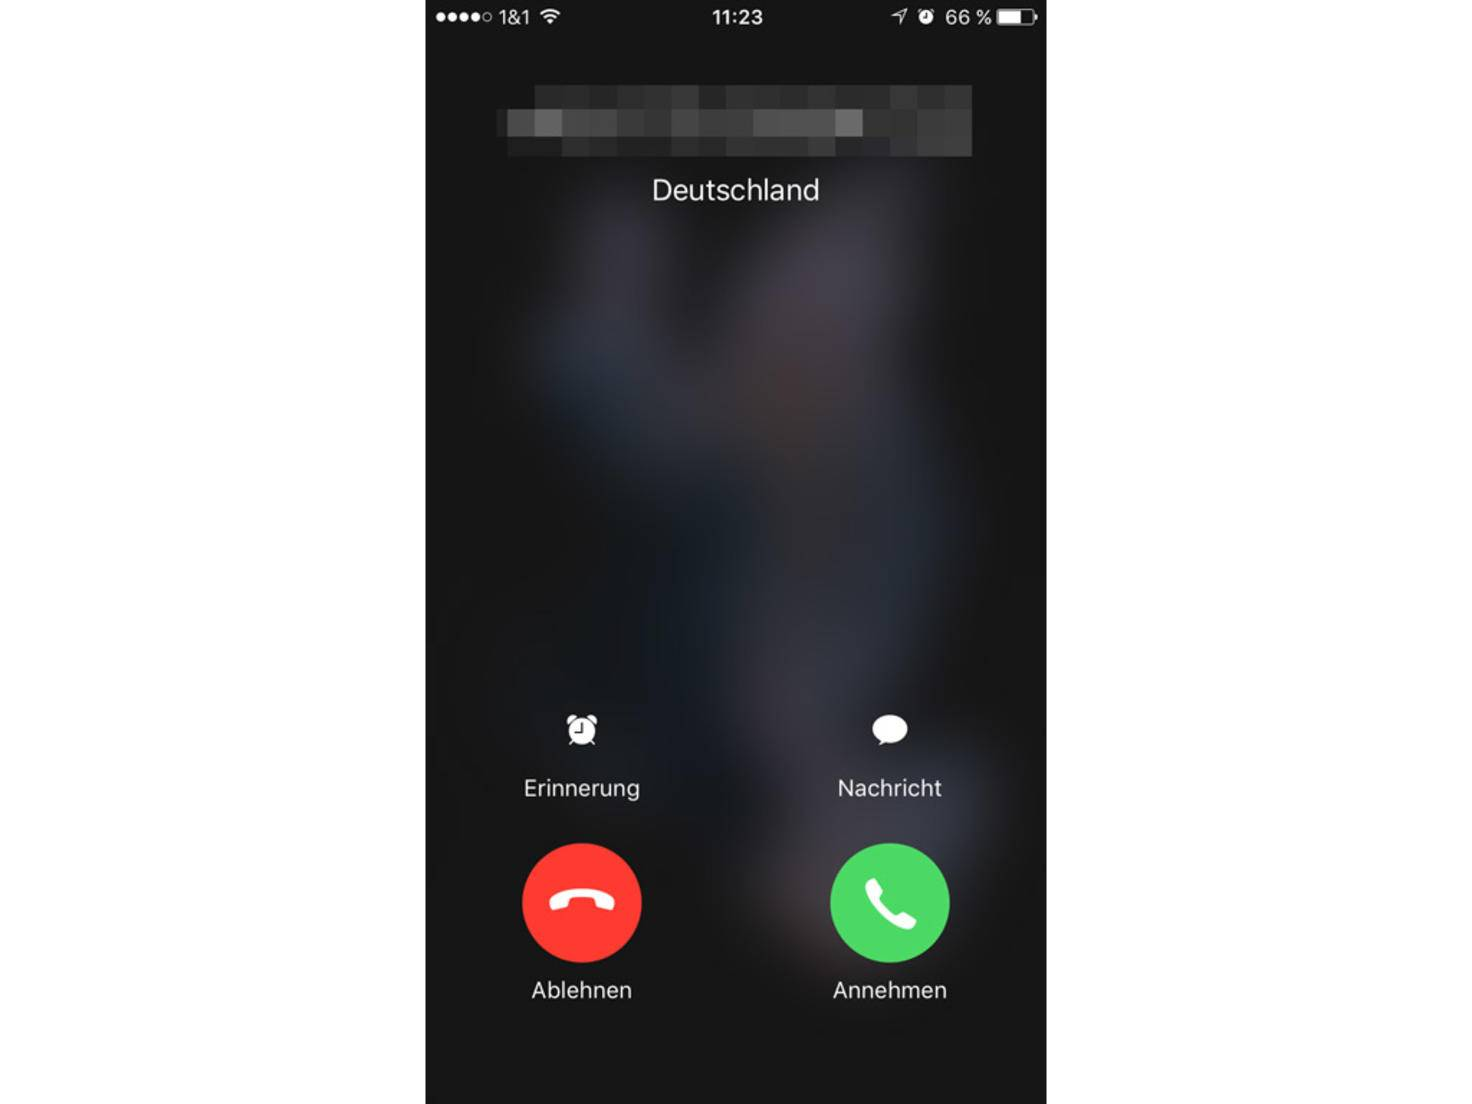 Ist der Bildschirm an, kann der Anruf auch abgelehnt werden.